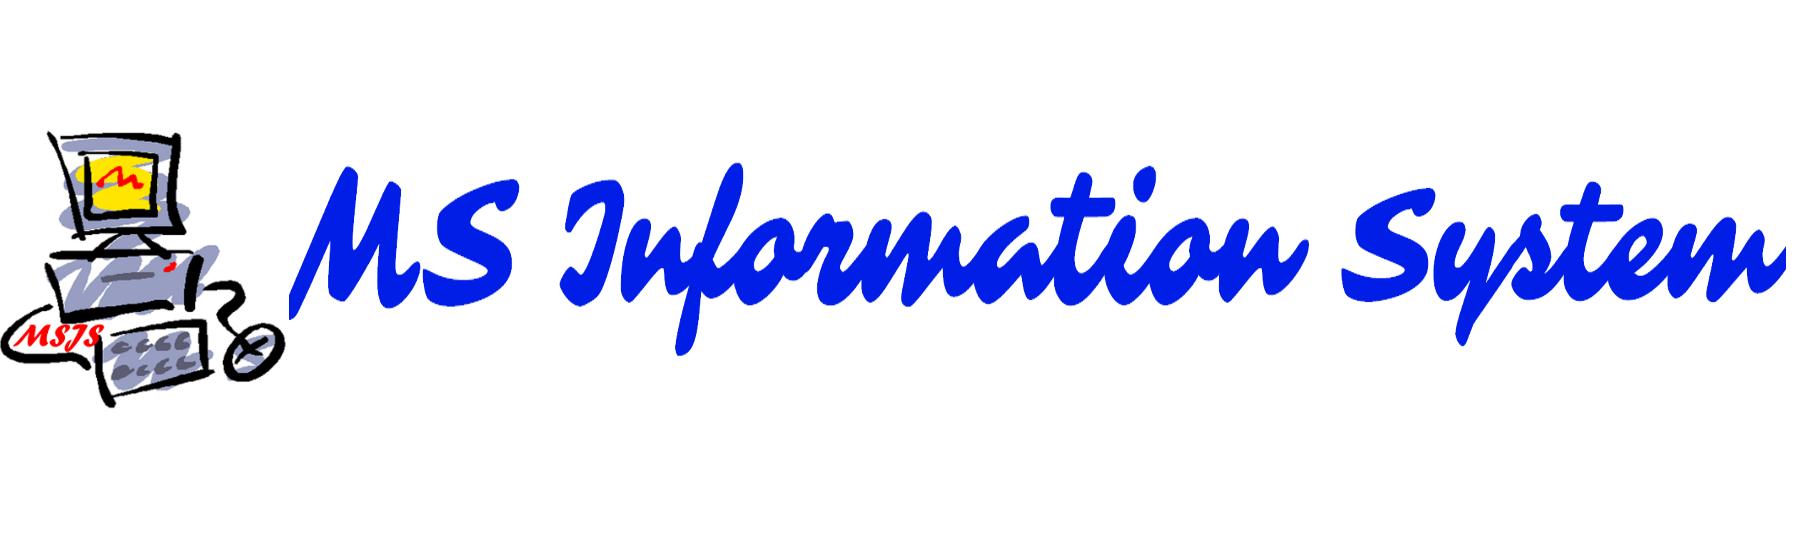 有限会社エム・エス・情報システム